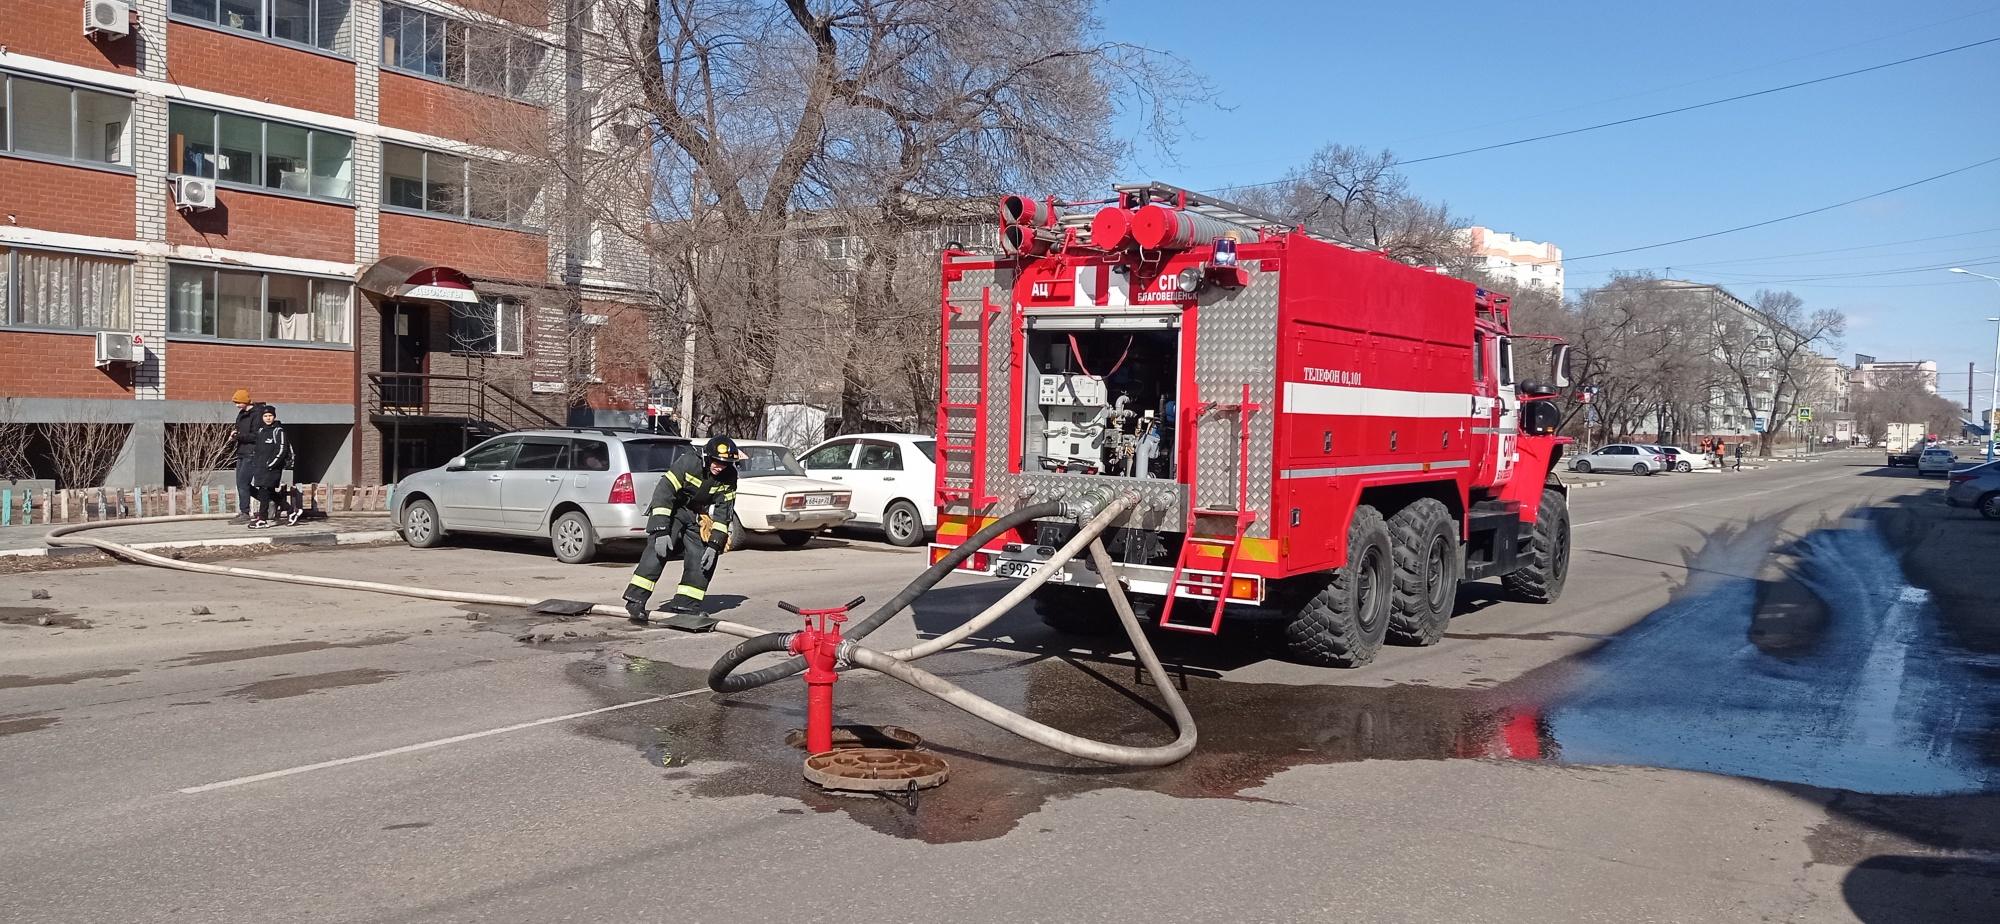 В Архаре огнеборцы ликвидировали возгорание двухквартирного жилого дома